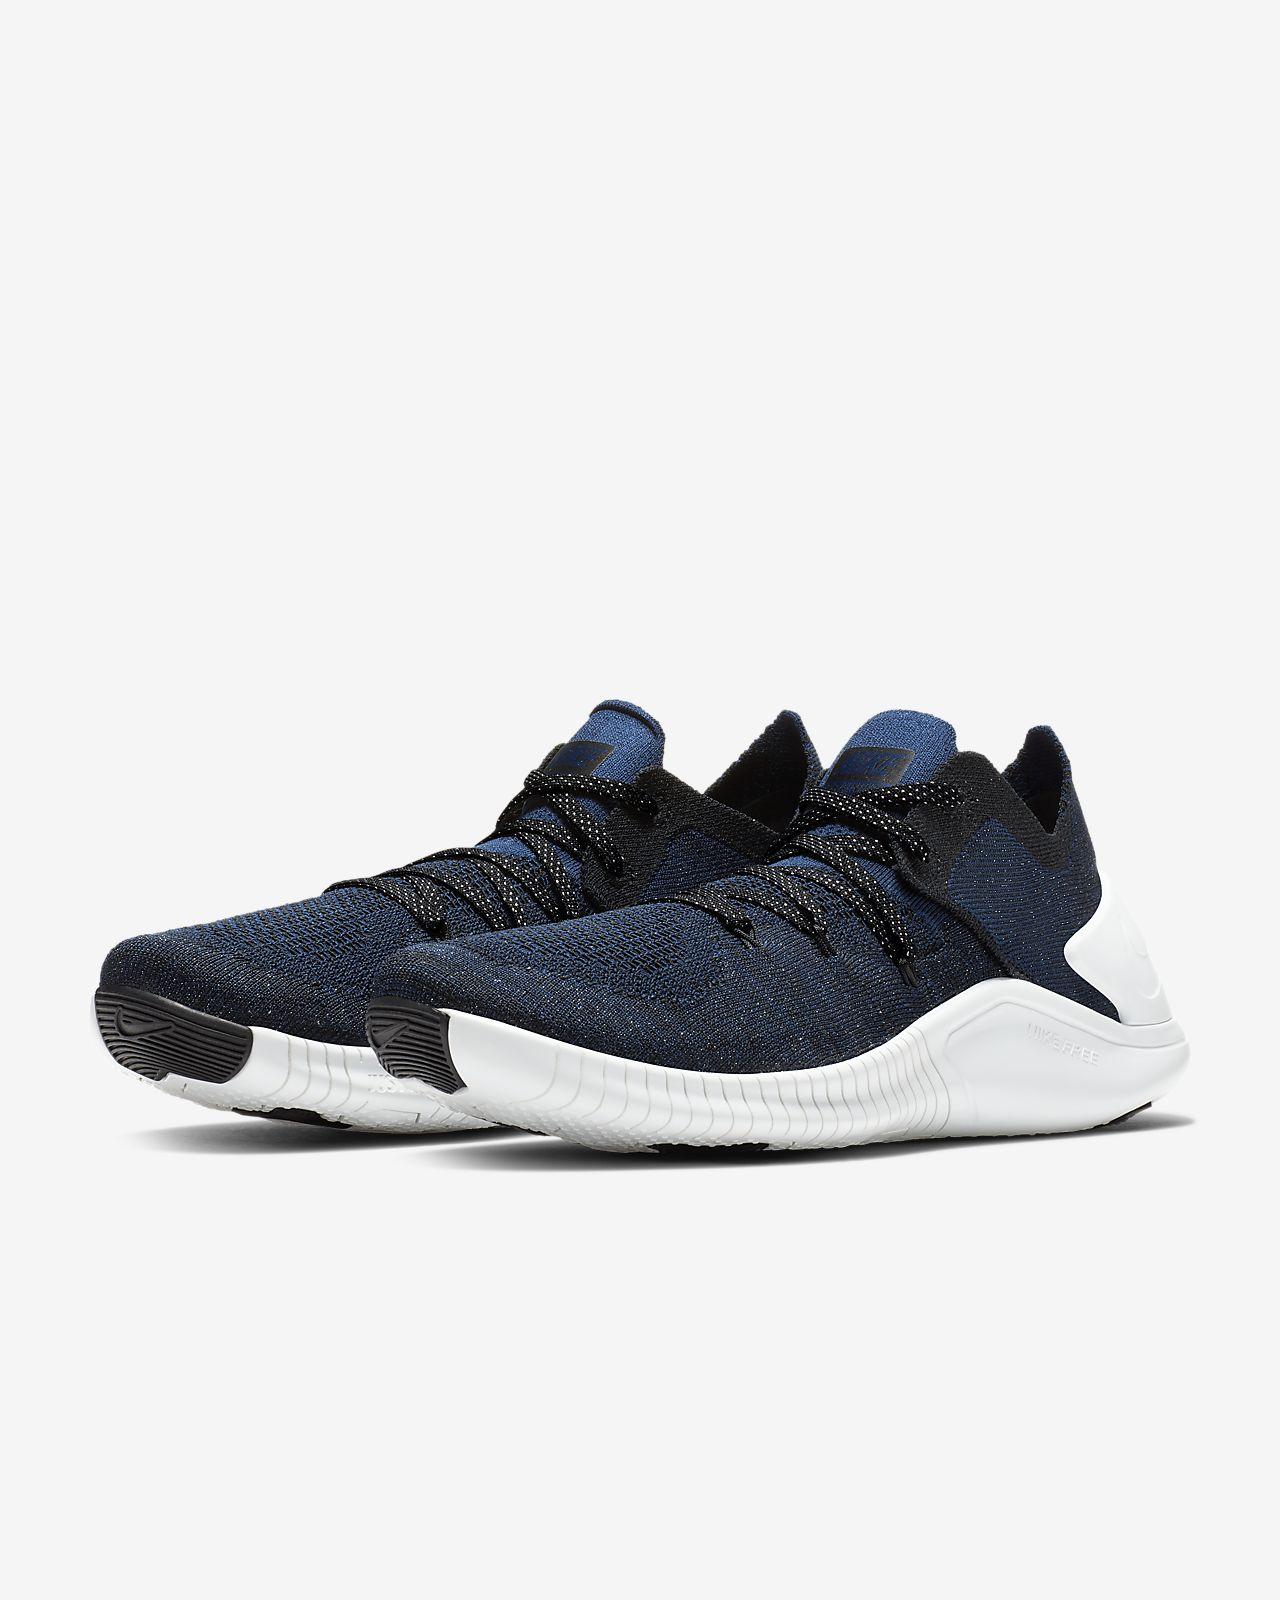 huge discount b5ec1 0cb1c ... Nike Free TR Flyknit 3 Metallic Women s Training Shoe